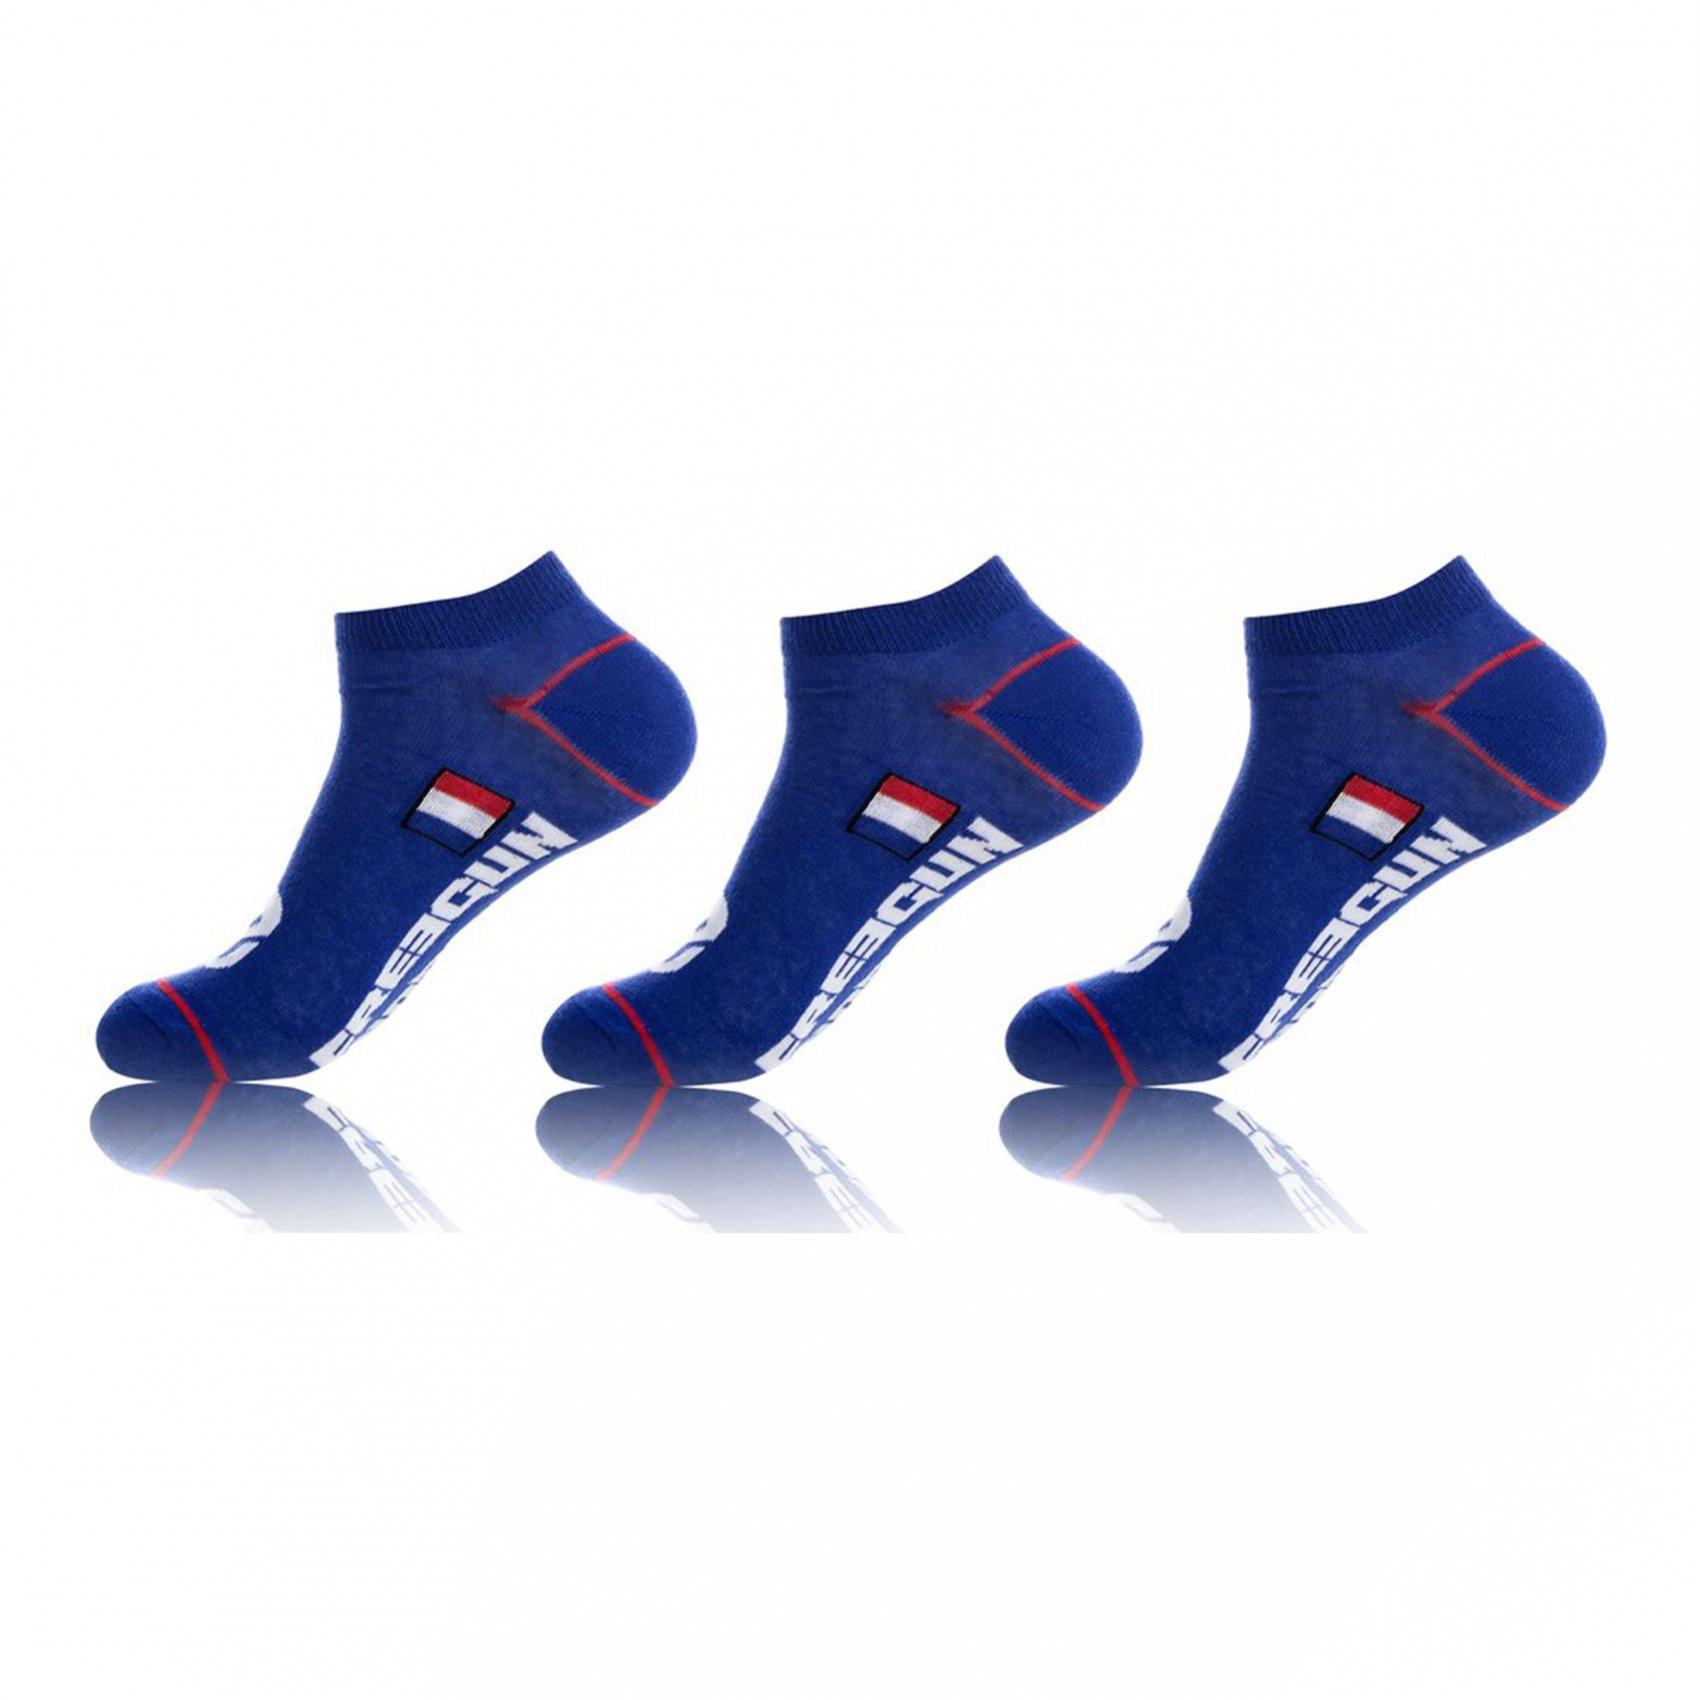 Lot de 3 chaussettes freegun france (photo)